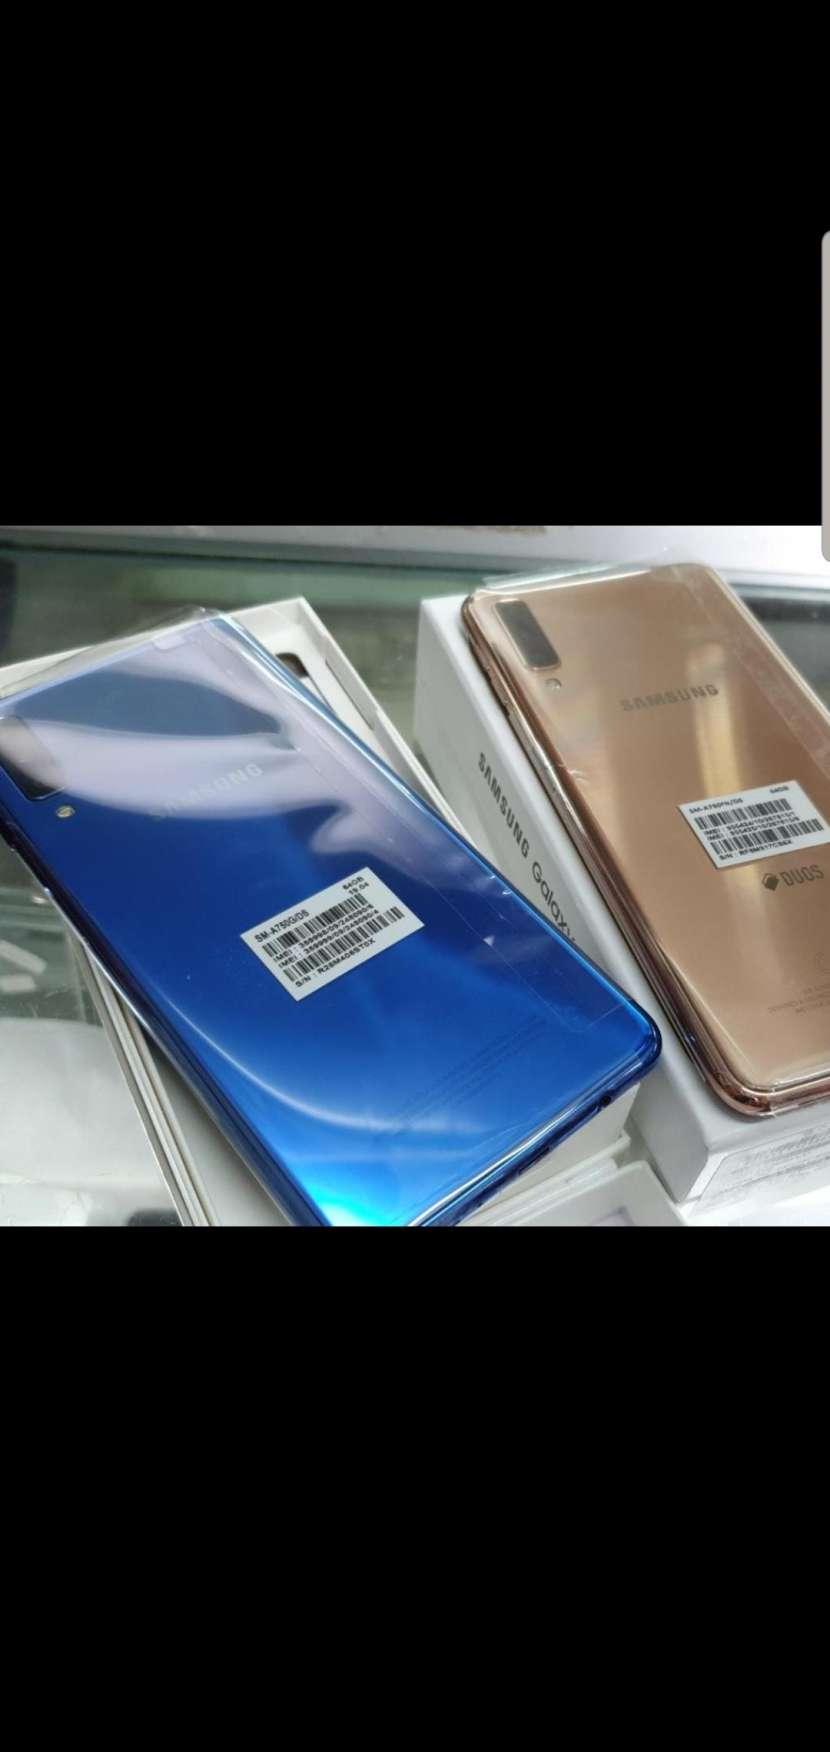 Samsung Galaxy A7 2018 - 0